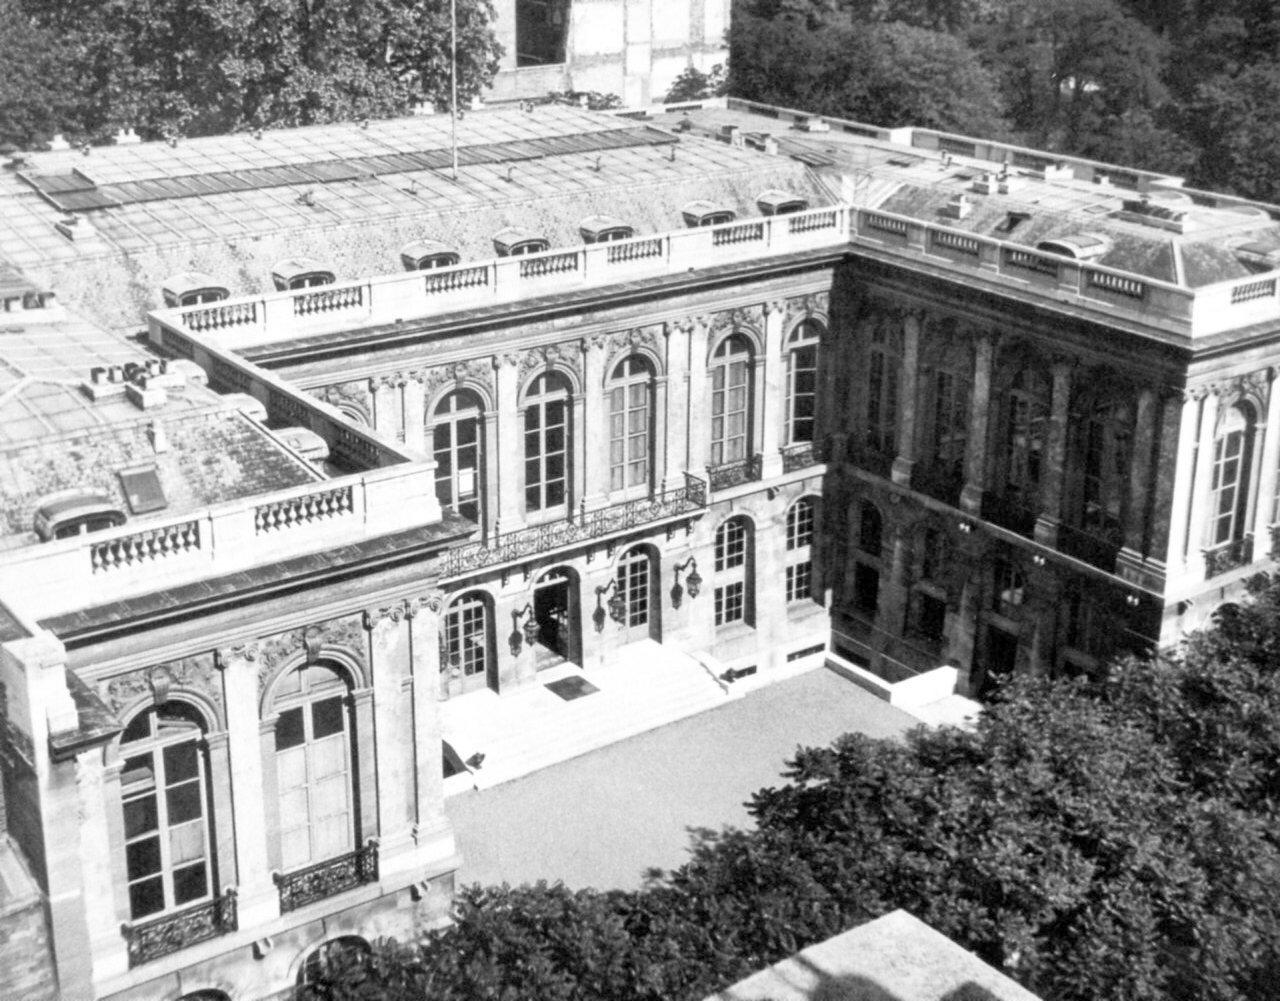 boni de castellane anna gould la m moire du palais rose at christie 39 s paris 7 march 2017. Black Bedroom Furniture Sets. Home Design Ideas